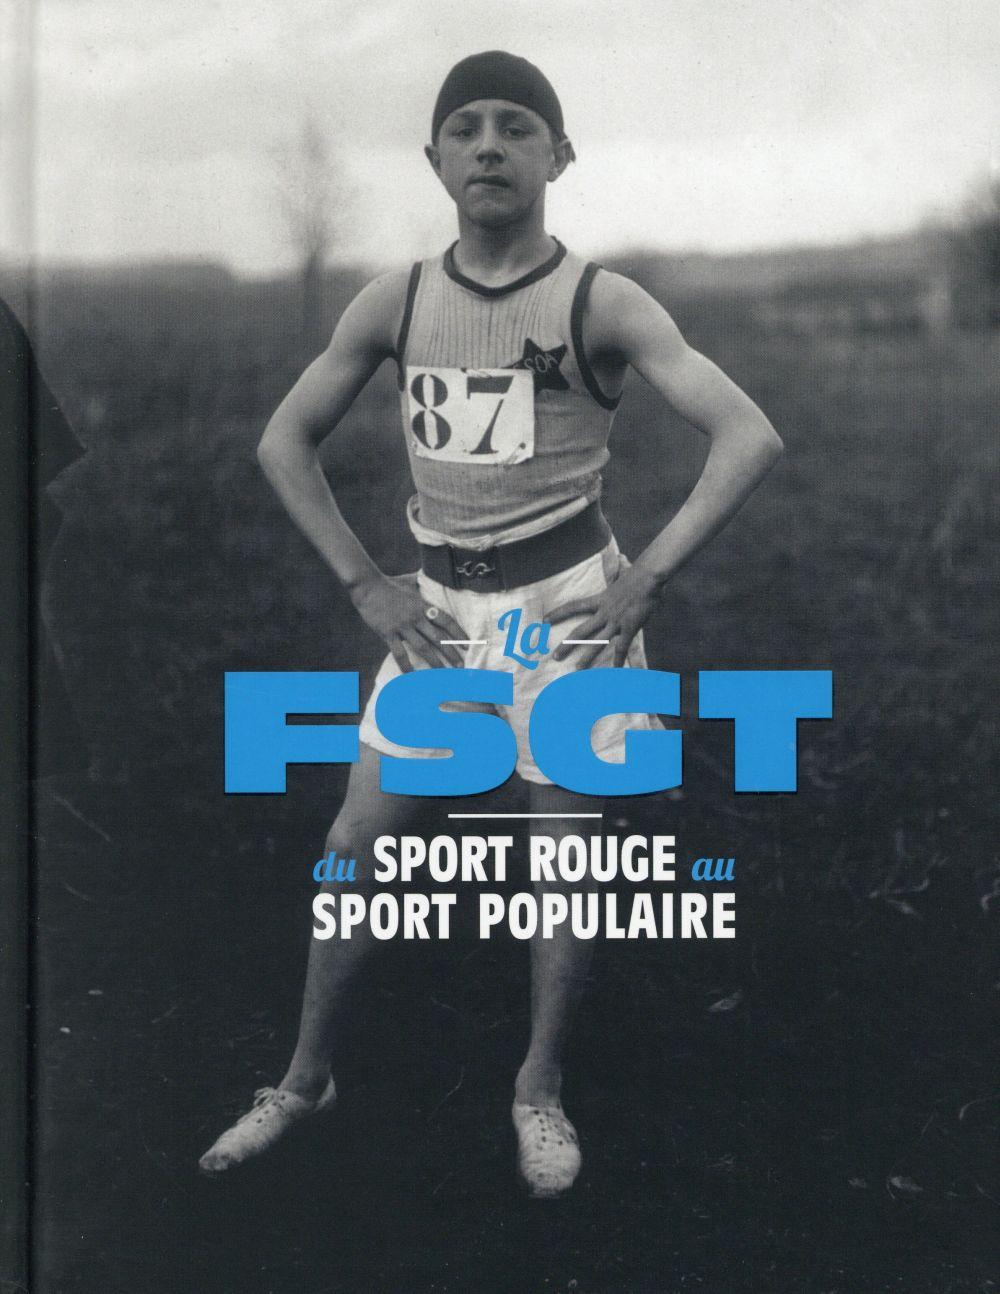 La FSGT, du sport rouge au sport populaire